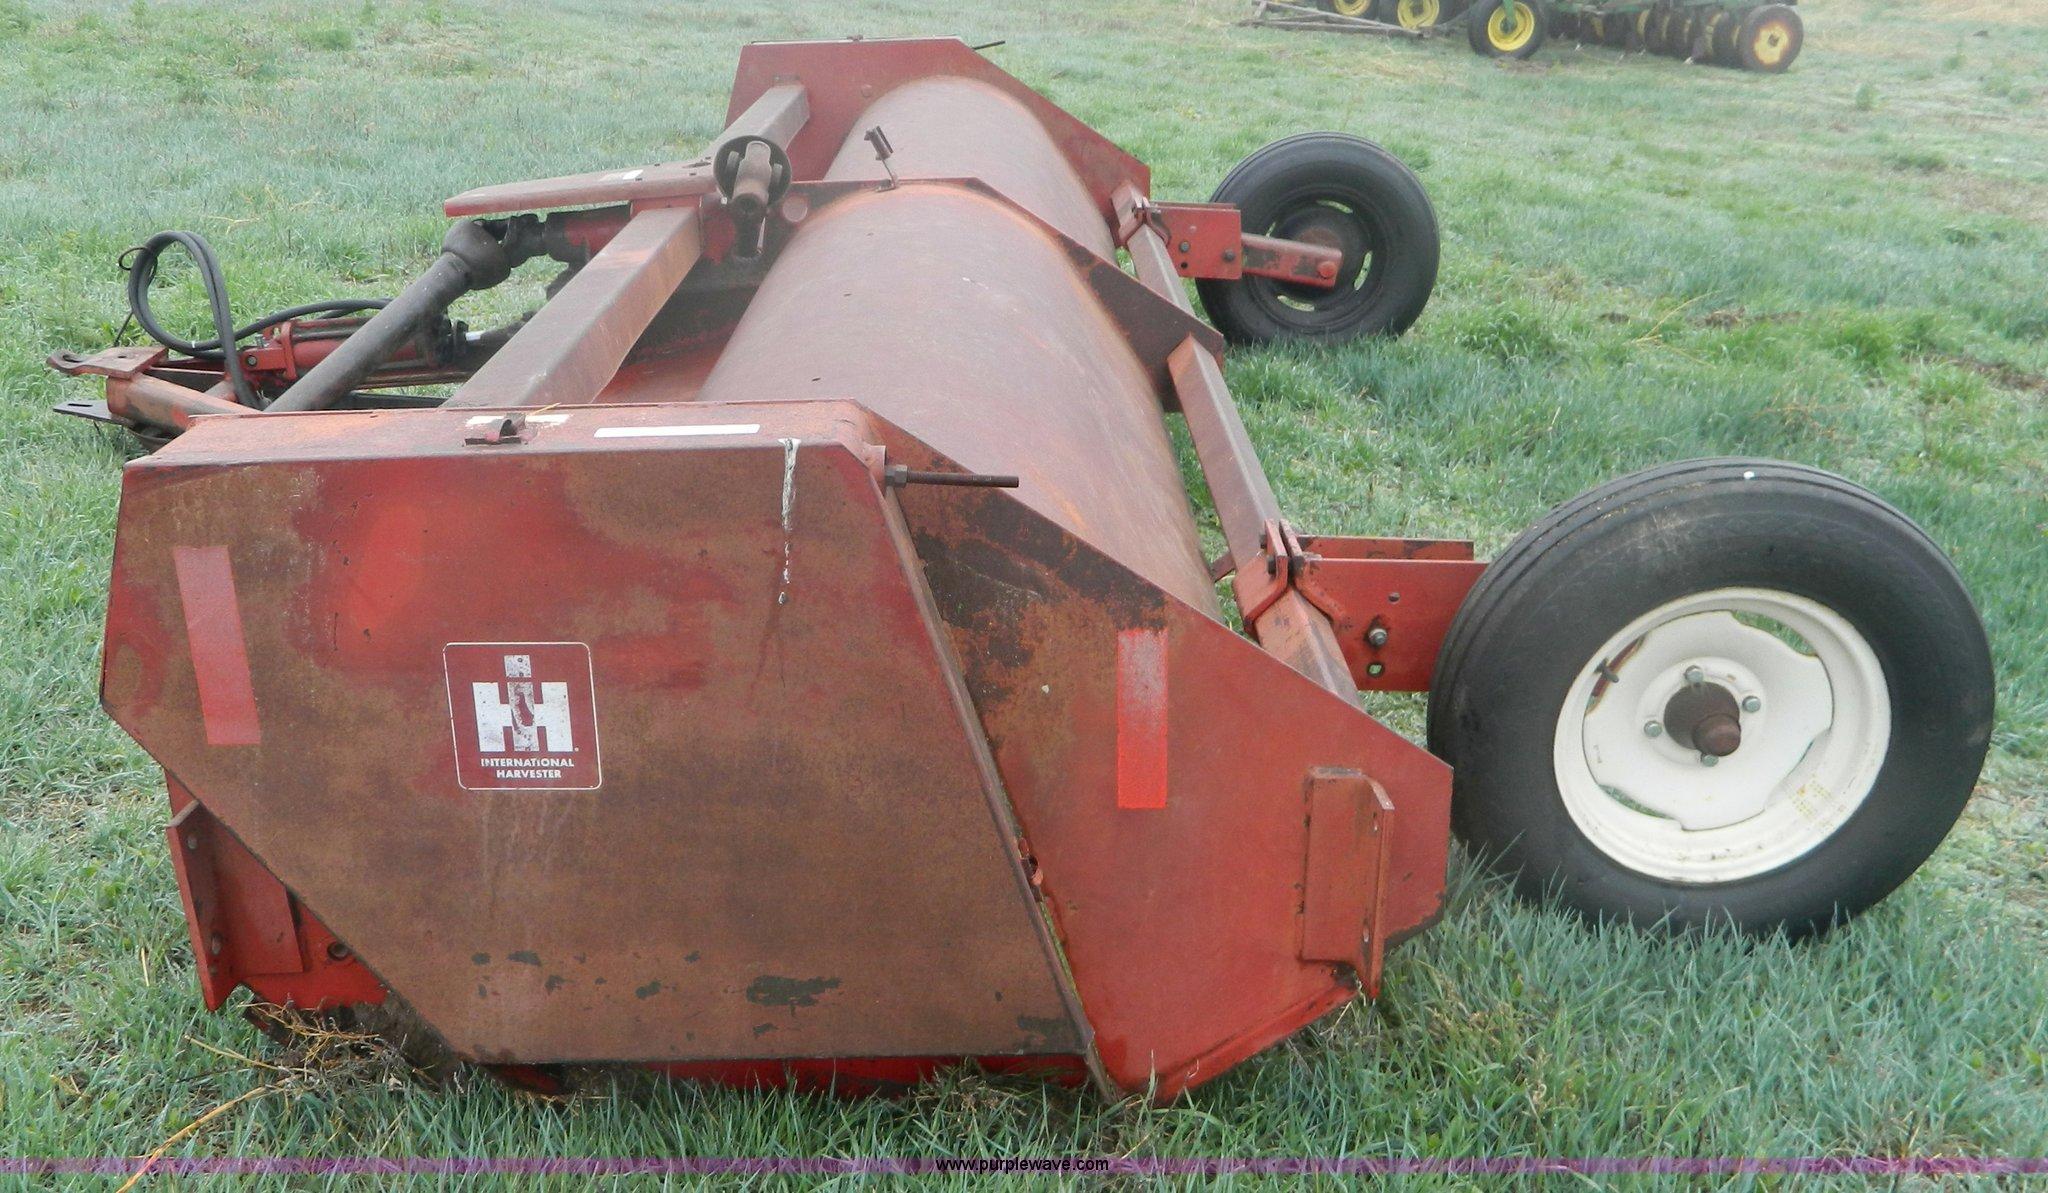 International Harvester 14' 60 flail mower | Item T9800 | SO